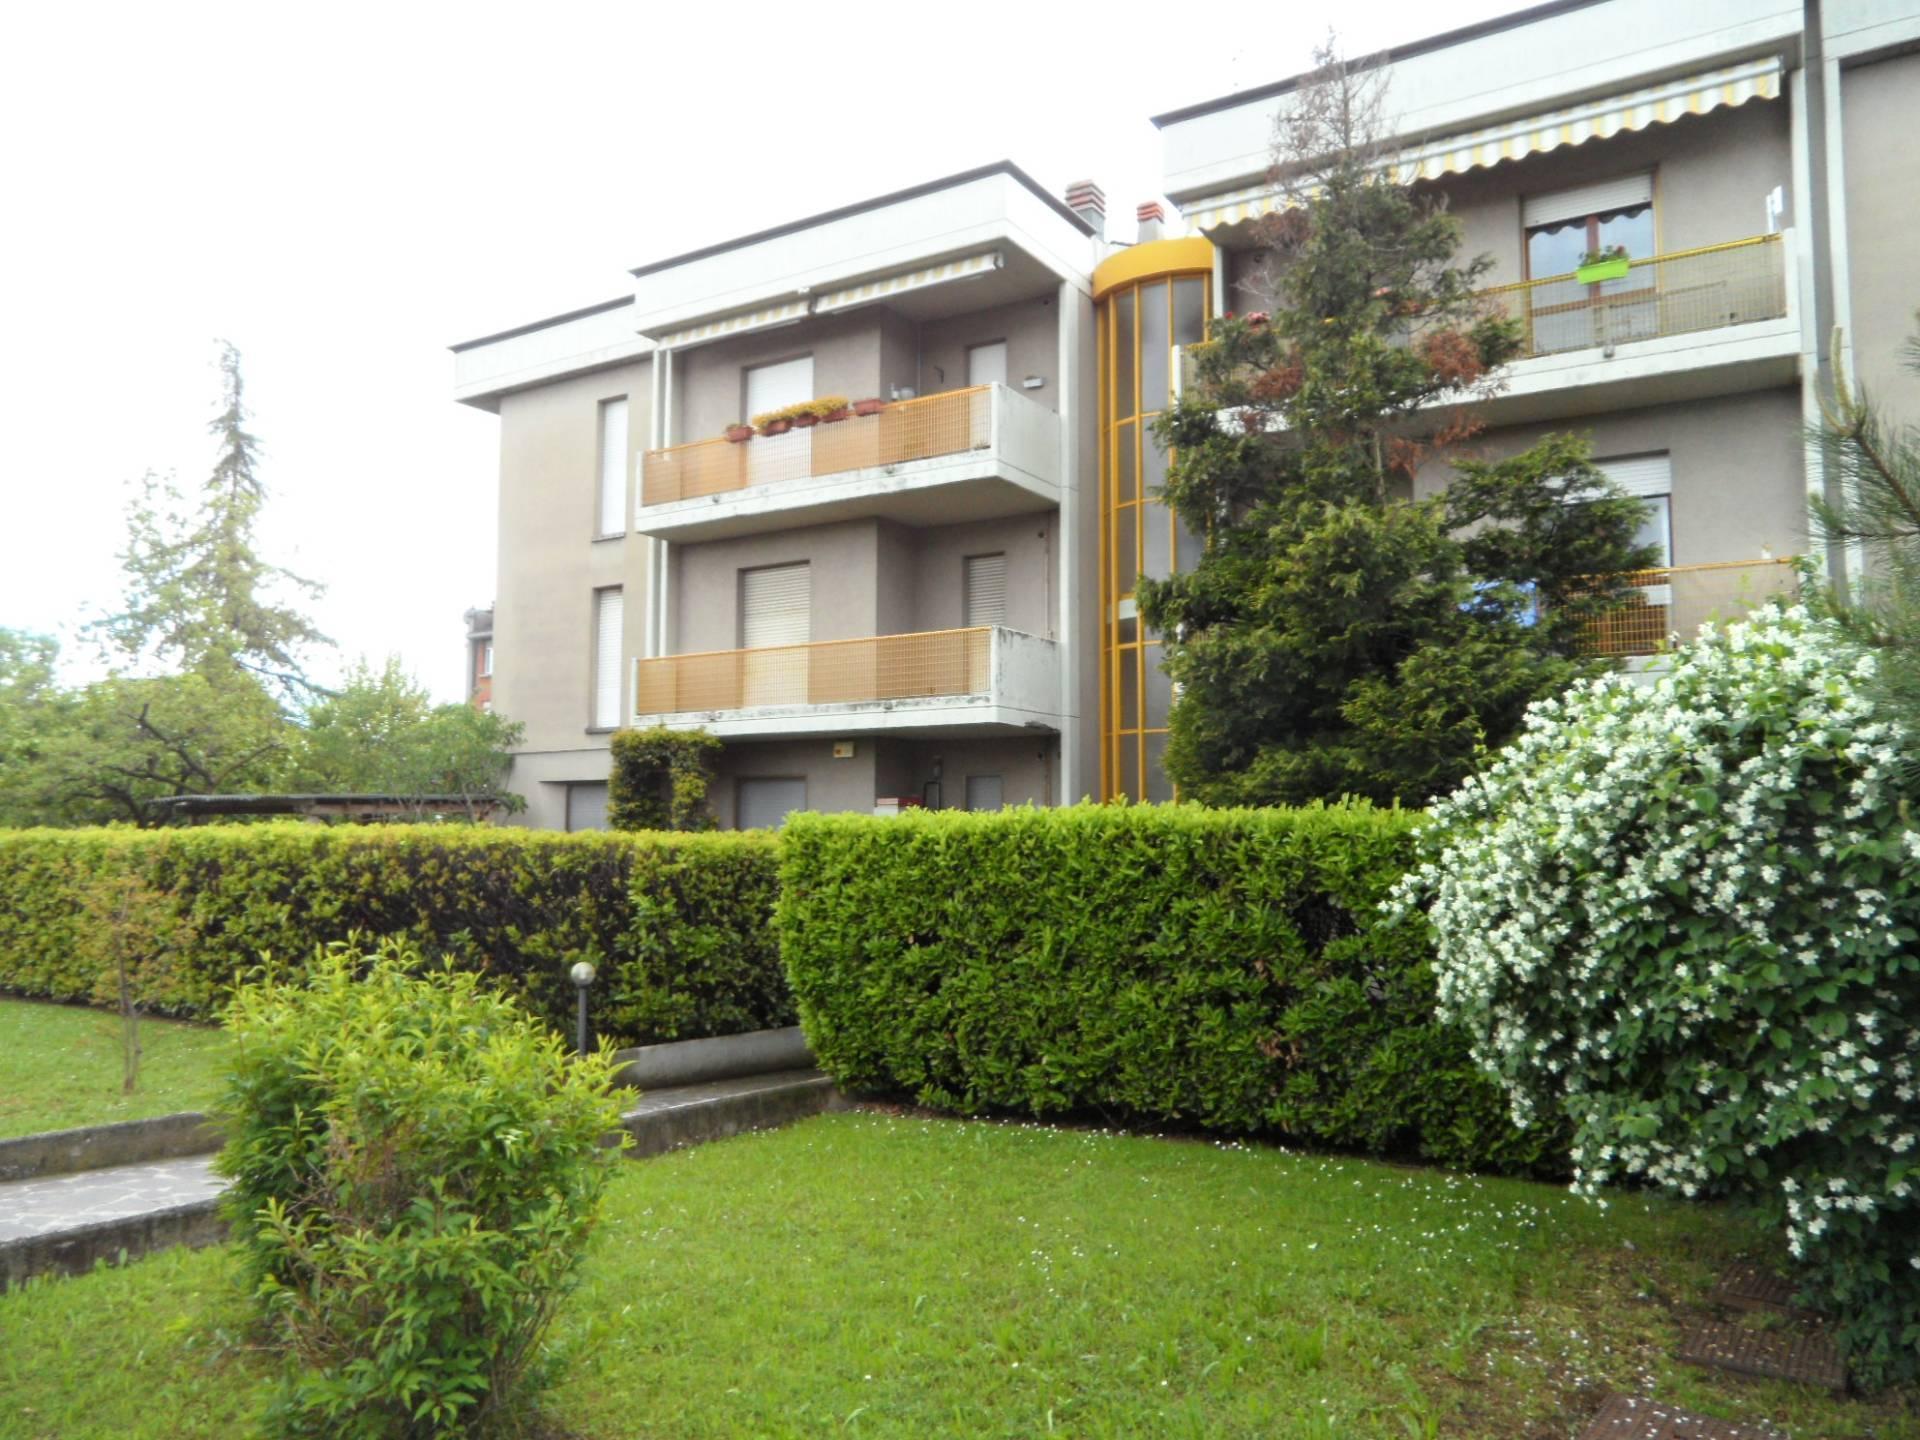 Appartamento in vendita a Azzano San Paolo, 3 locali, prezzo € 138.000 | PortaleAgenzieImmobiliari.it